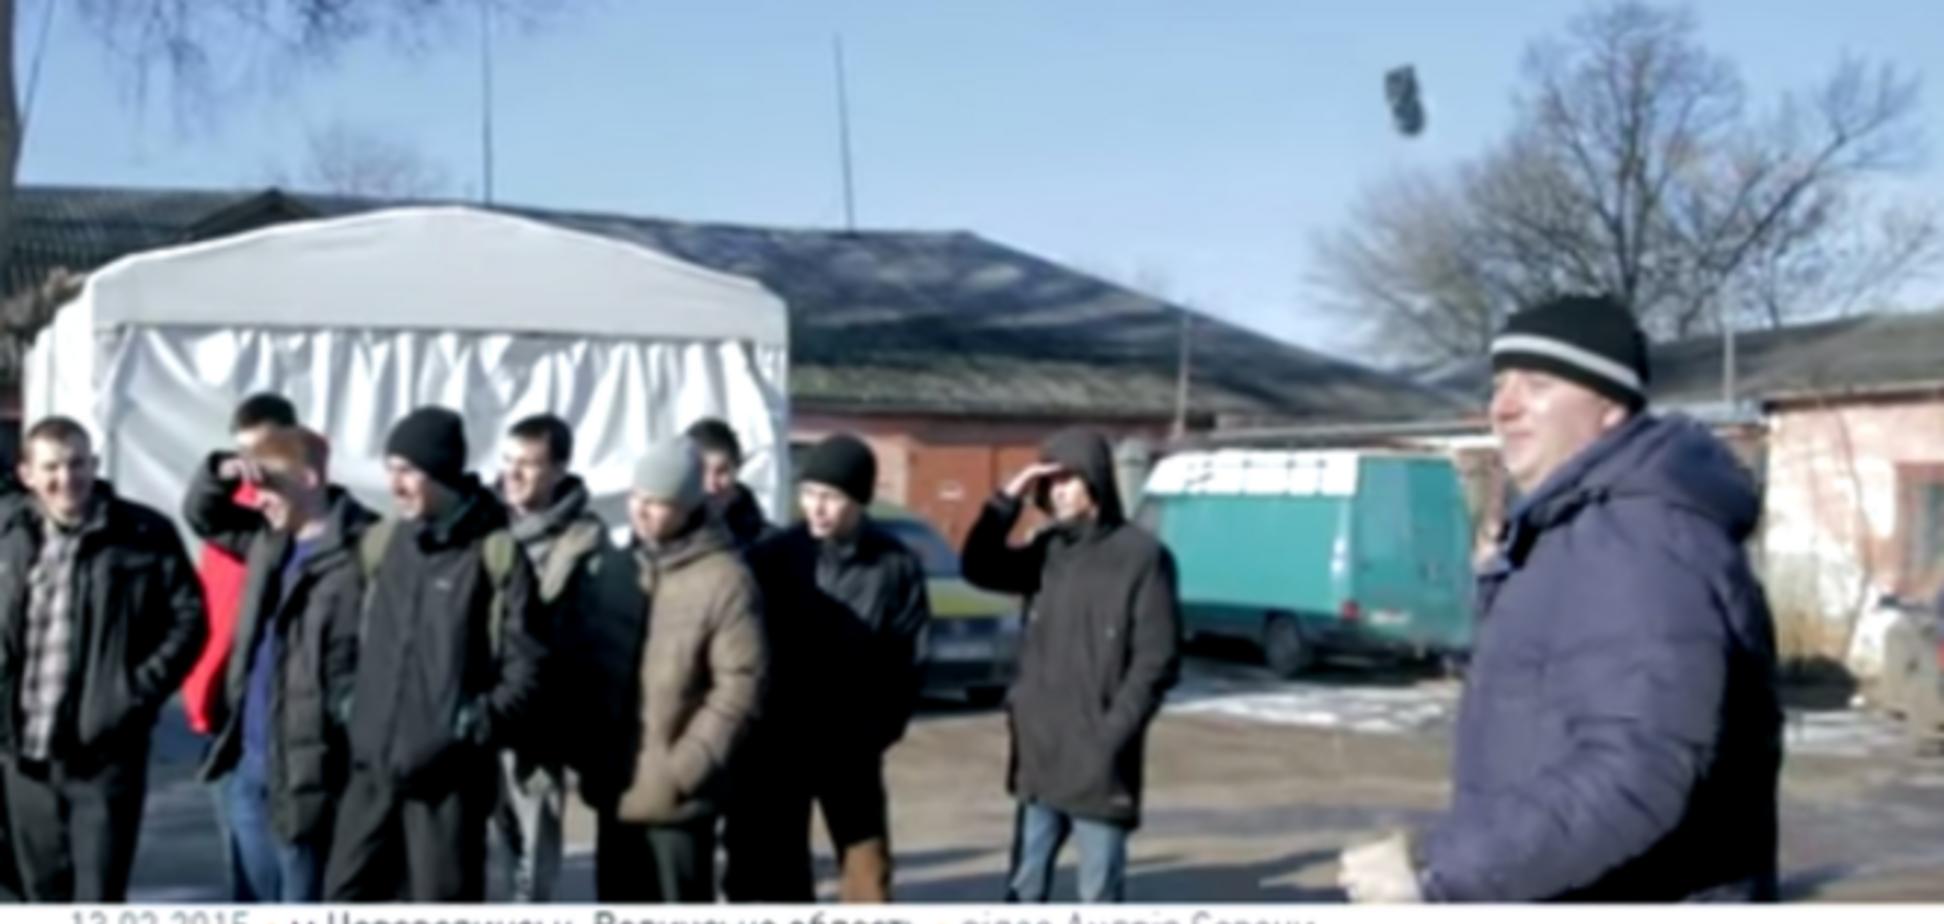 Украинские волонтеры разработали устройства, которые обезвреживают растяжки: видеофакт